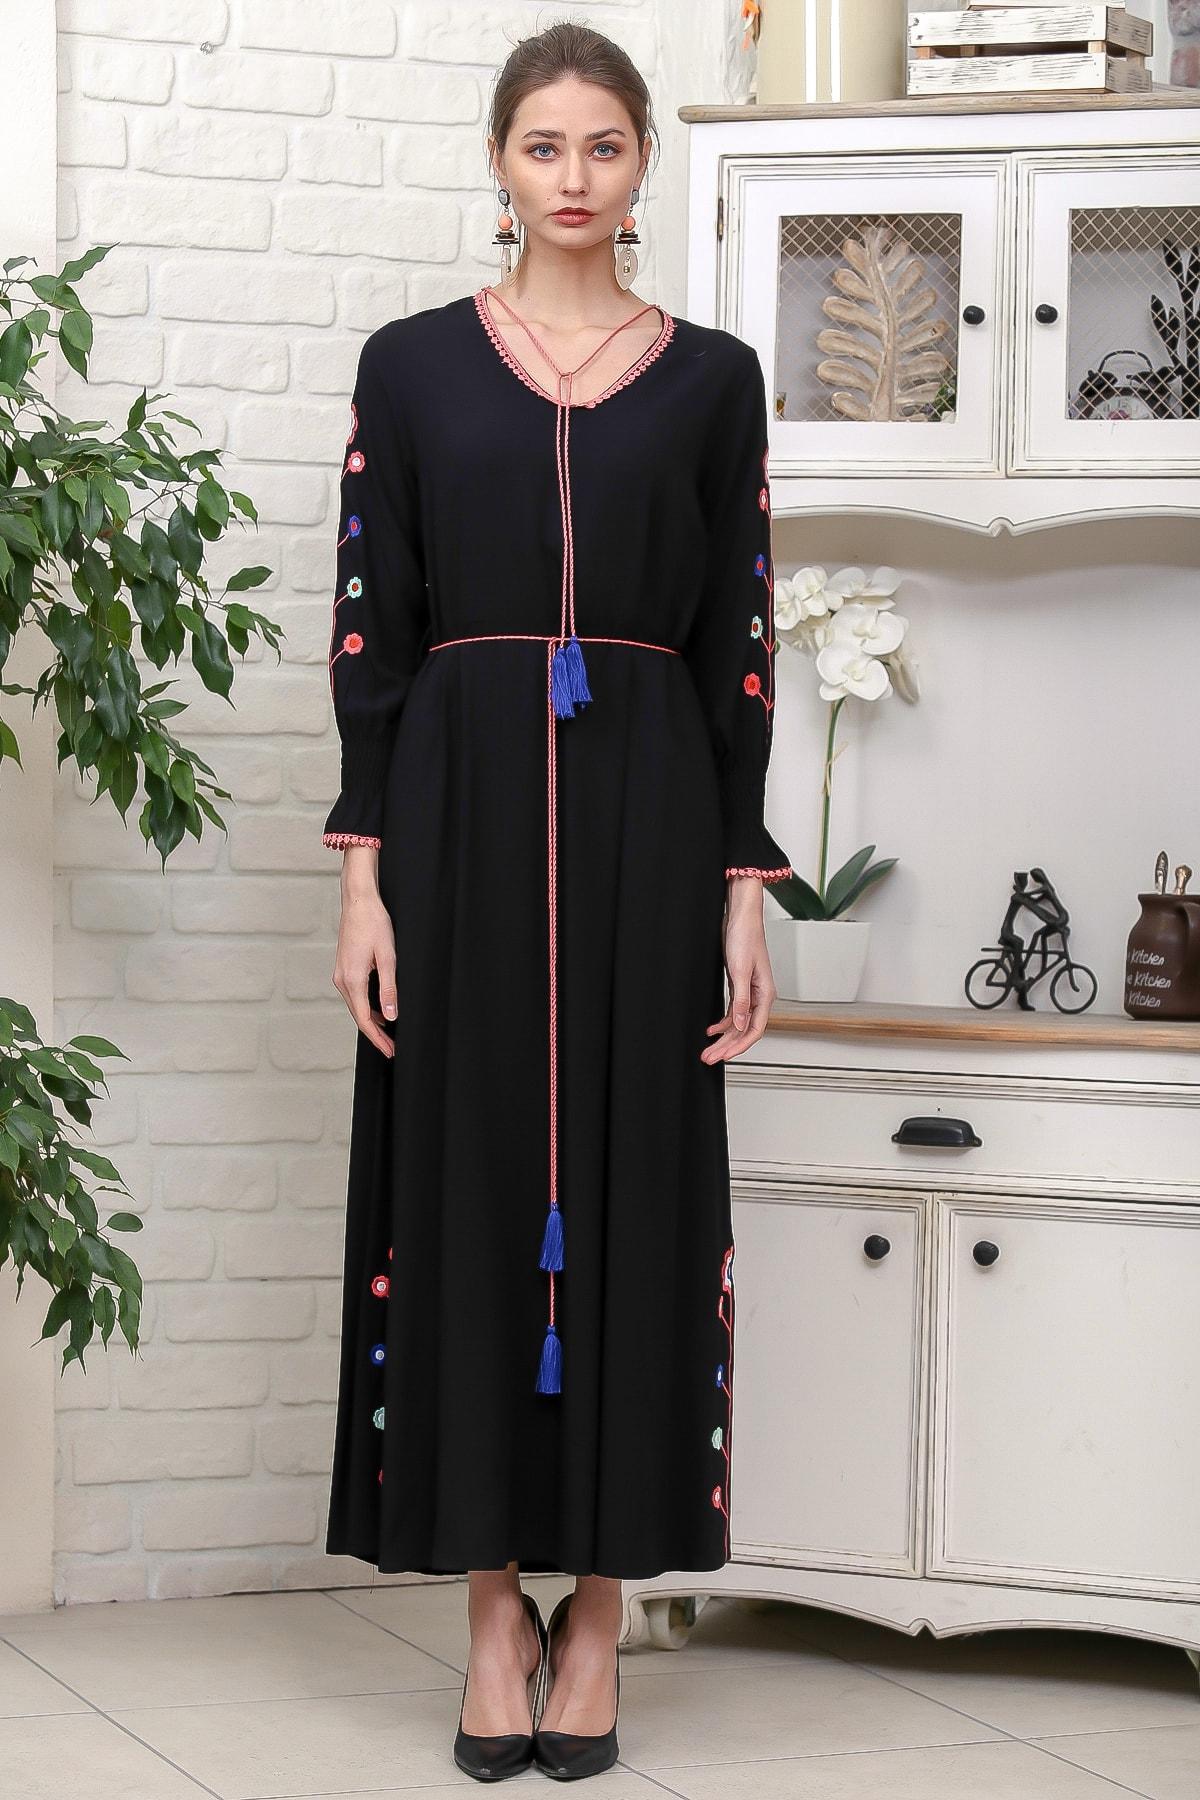 Chiccy Kadın Siyah Kol Ve Yırtmaçları Çiçek Nakışlı Püsküllü Bağcıklı Dokuma Uzun Elbise M10160000EL95942 3